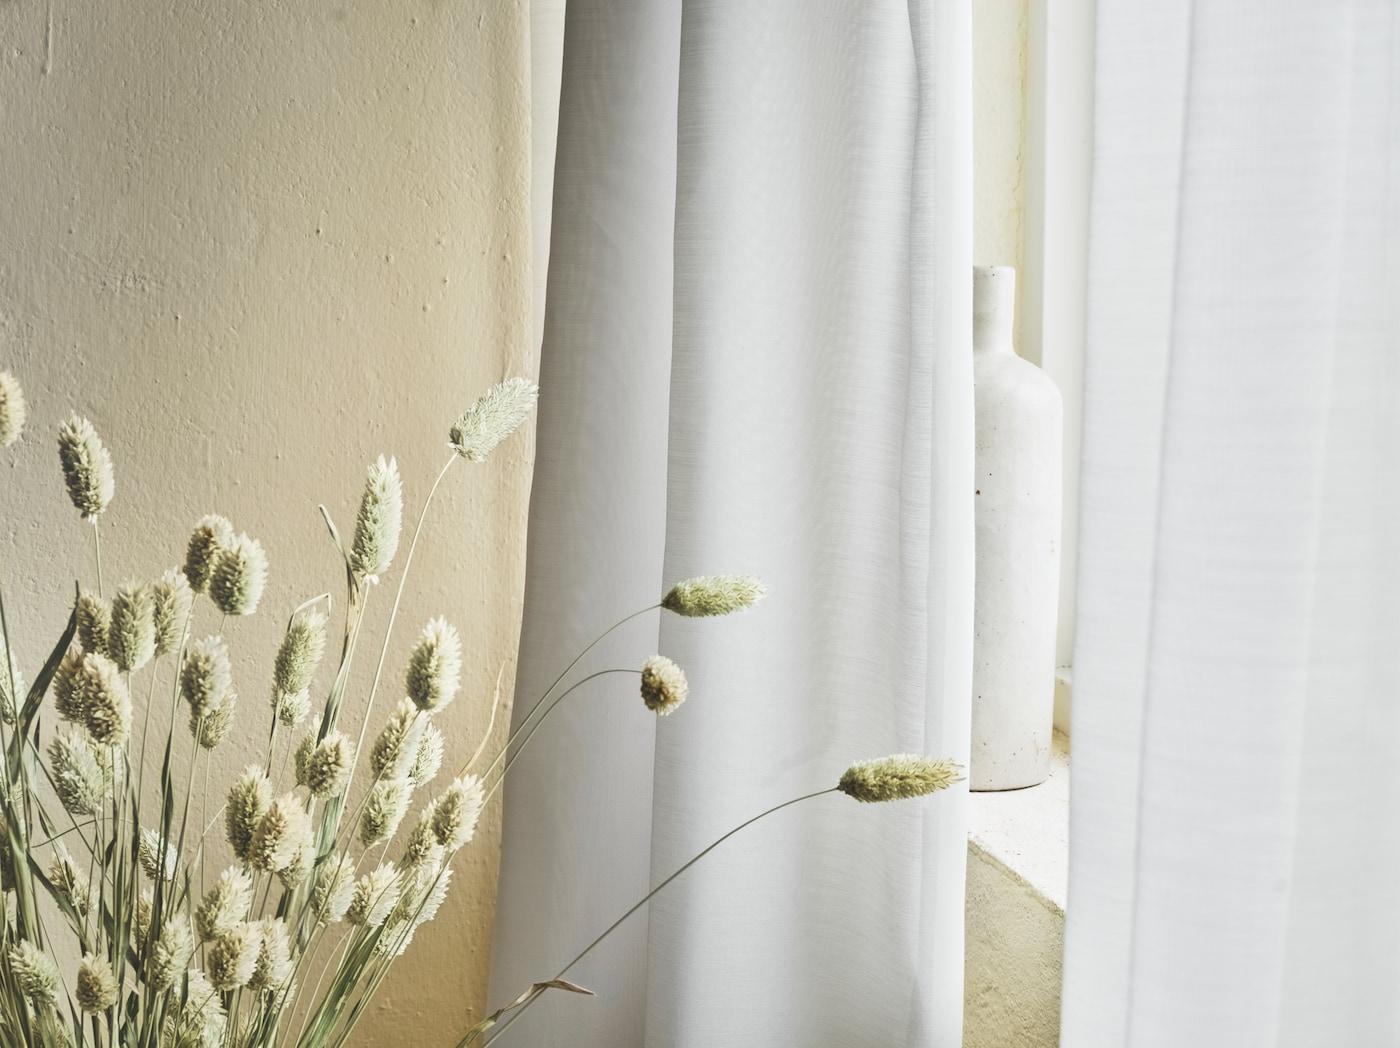 Lähikuvassa valkoiset GUNRID ilmanpuhdistusverhot, jotka roikkuvat ikkunan vieressä kuivattujen viljantähkien vieressä.